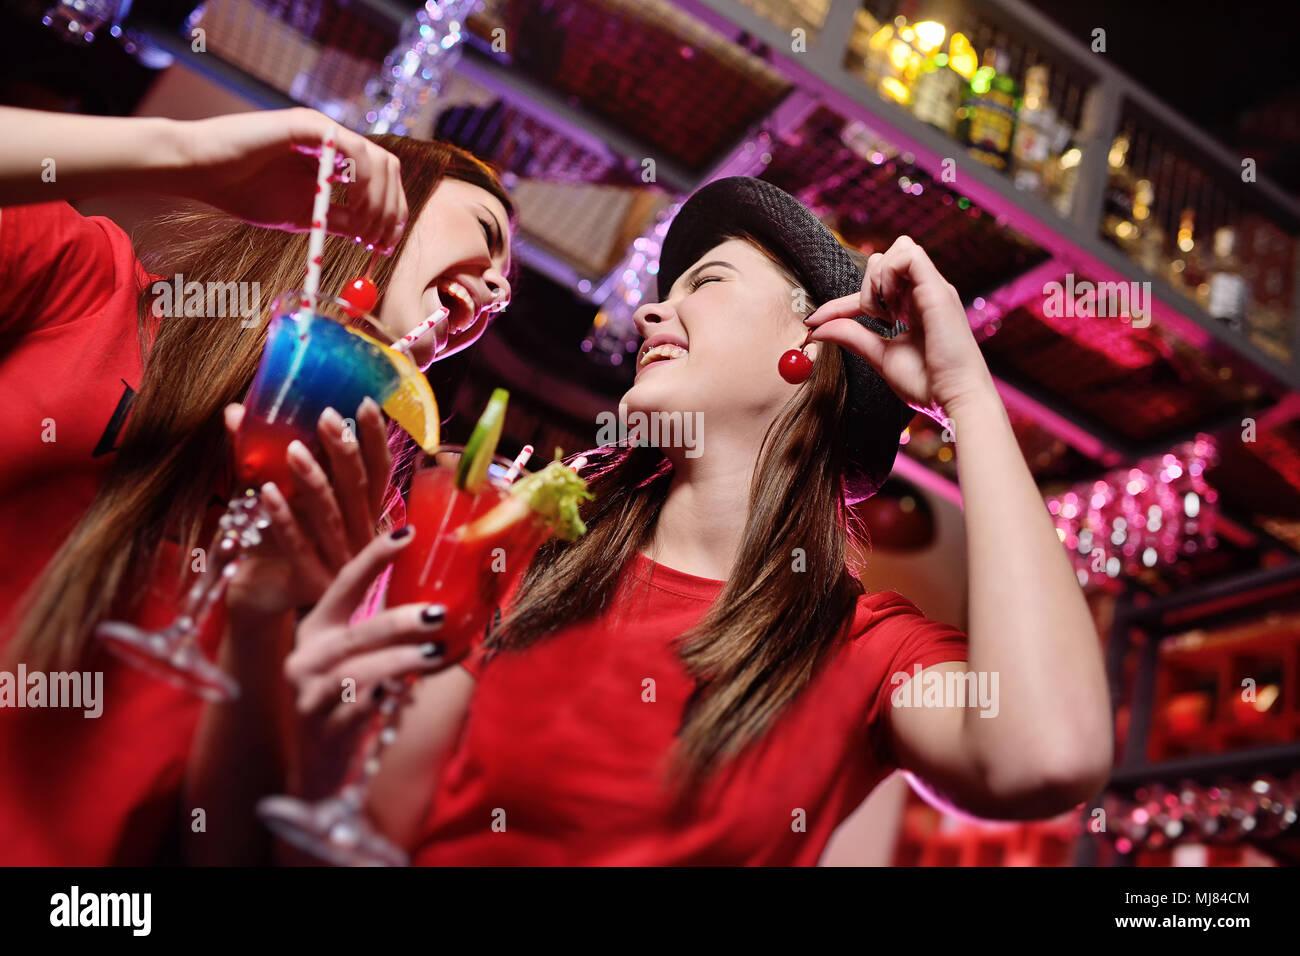 Deux jeunes amis lors d'une partie de rire avec des cocktails dans les mains d'un bar. Photo Stock